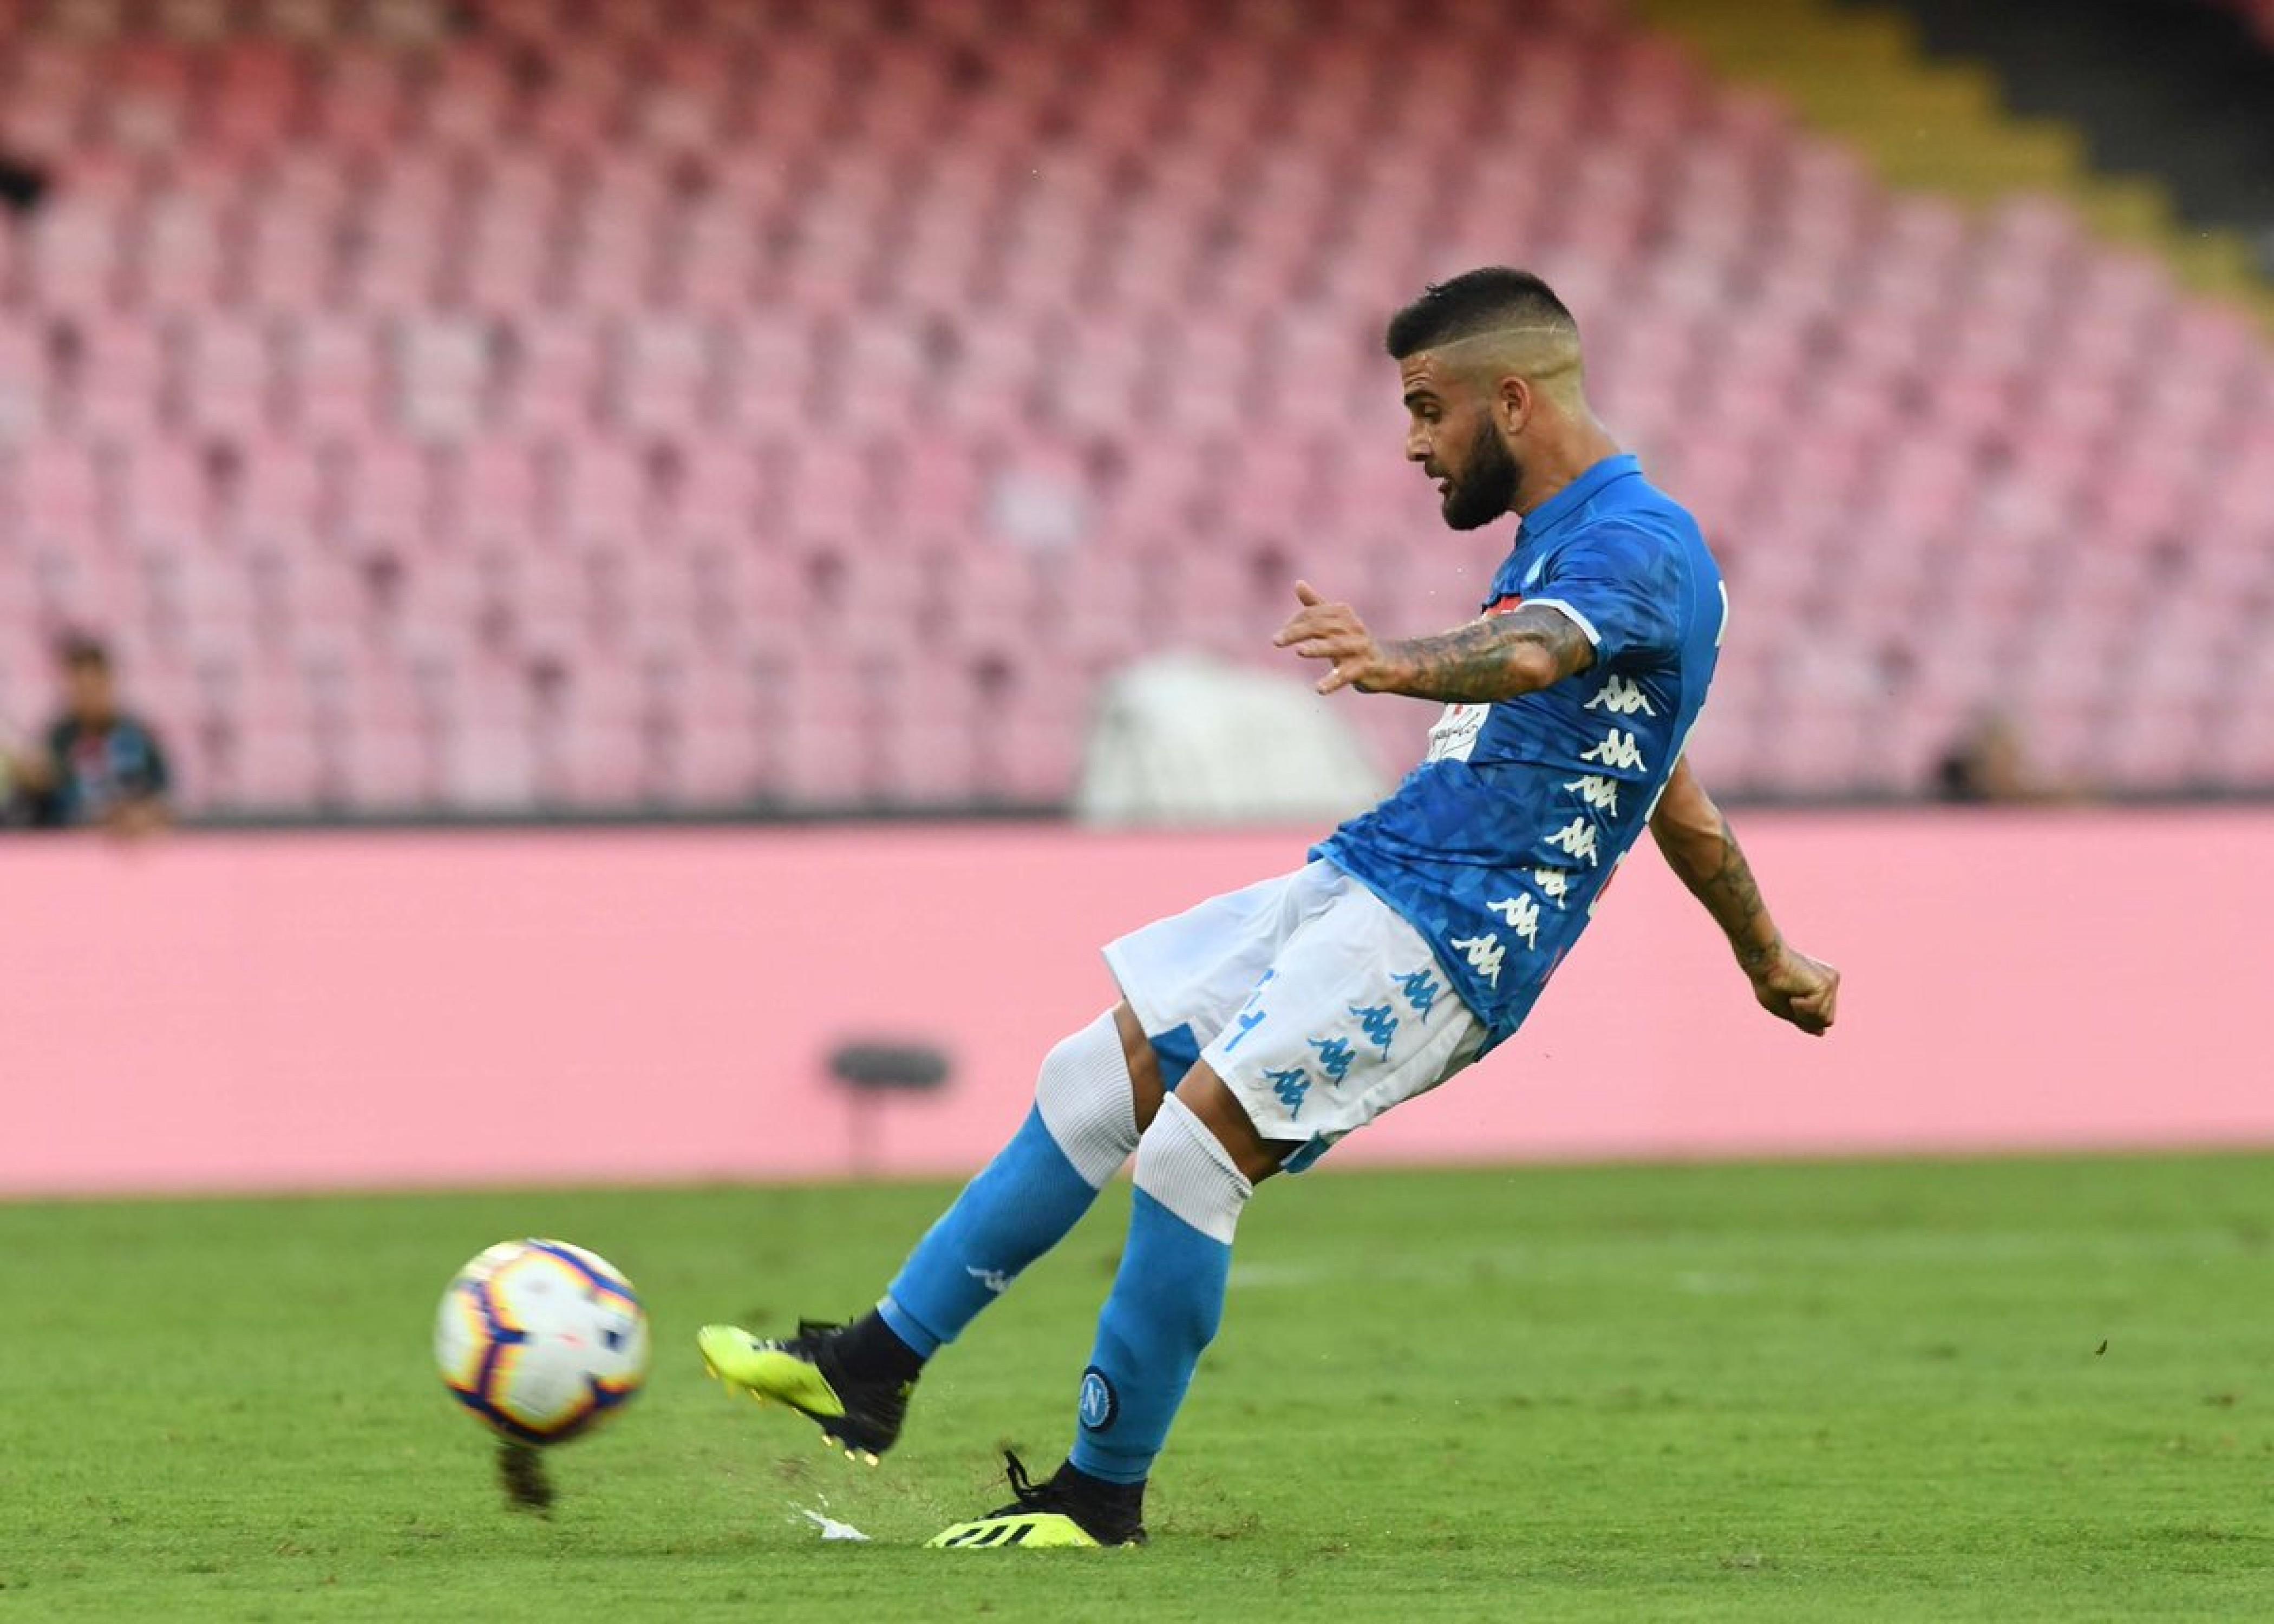 Il Napoli si prende di rabbia i tre punti: Fiorentina battuta grazie ad un guizzo di Insigne